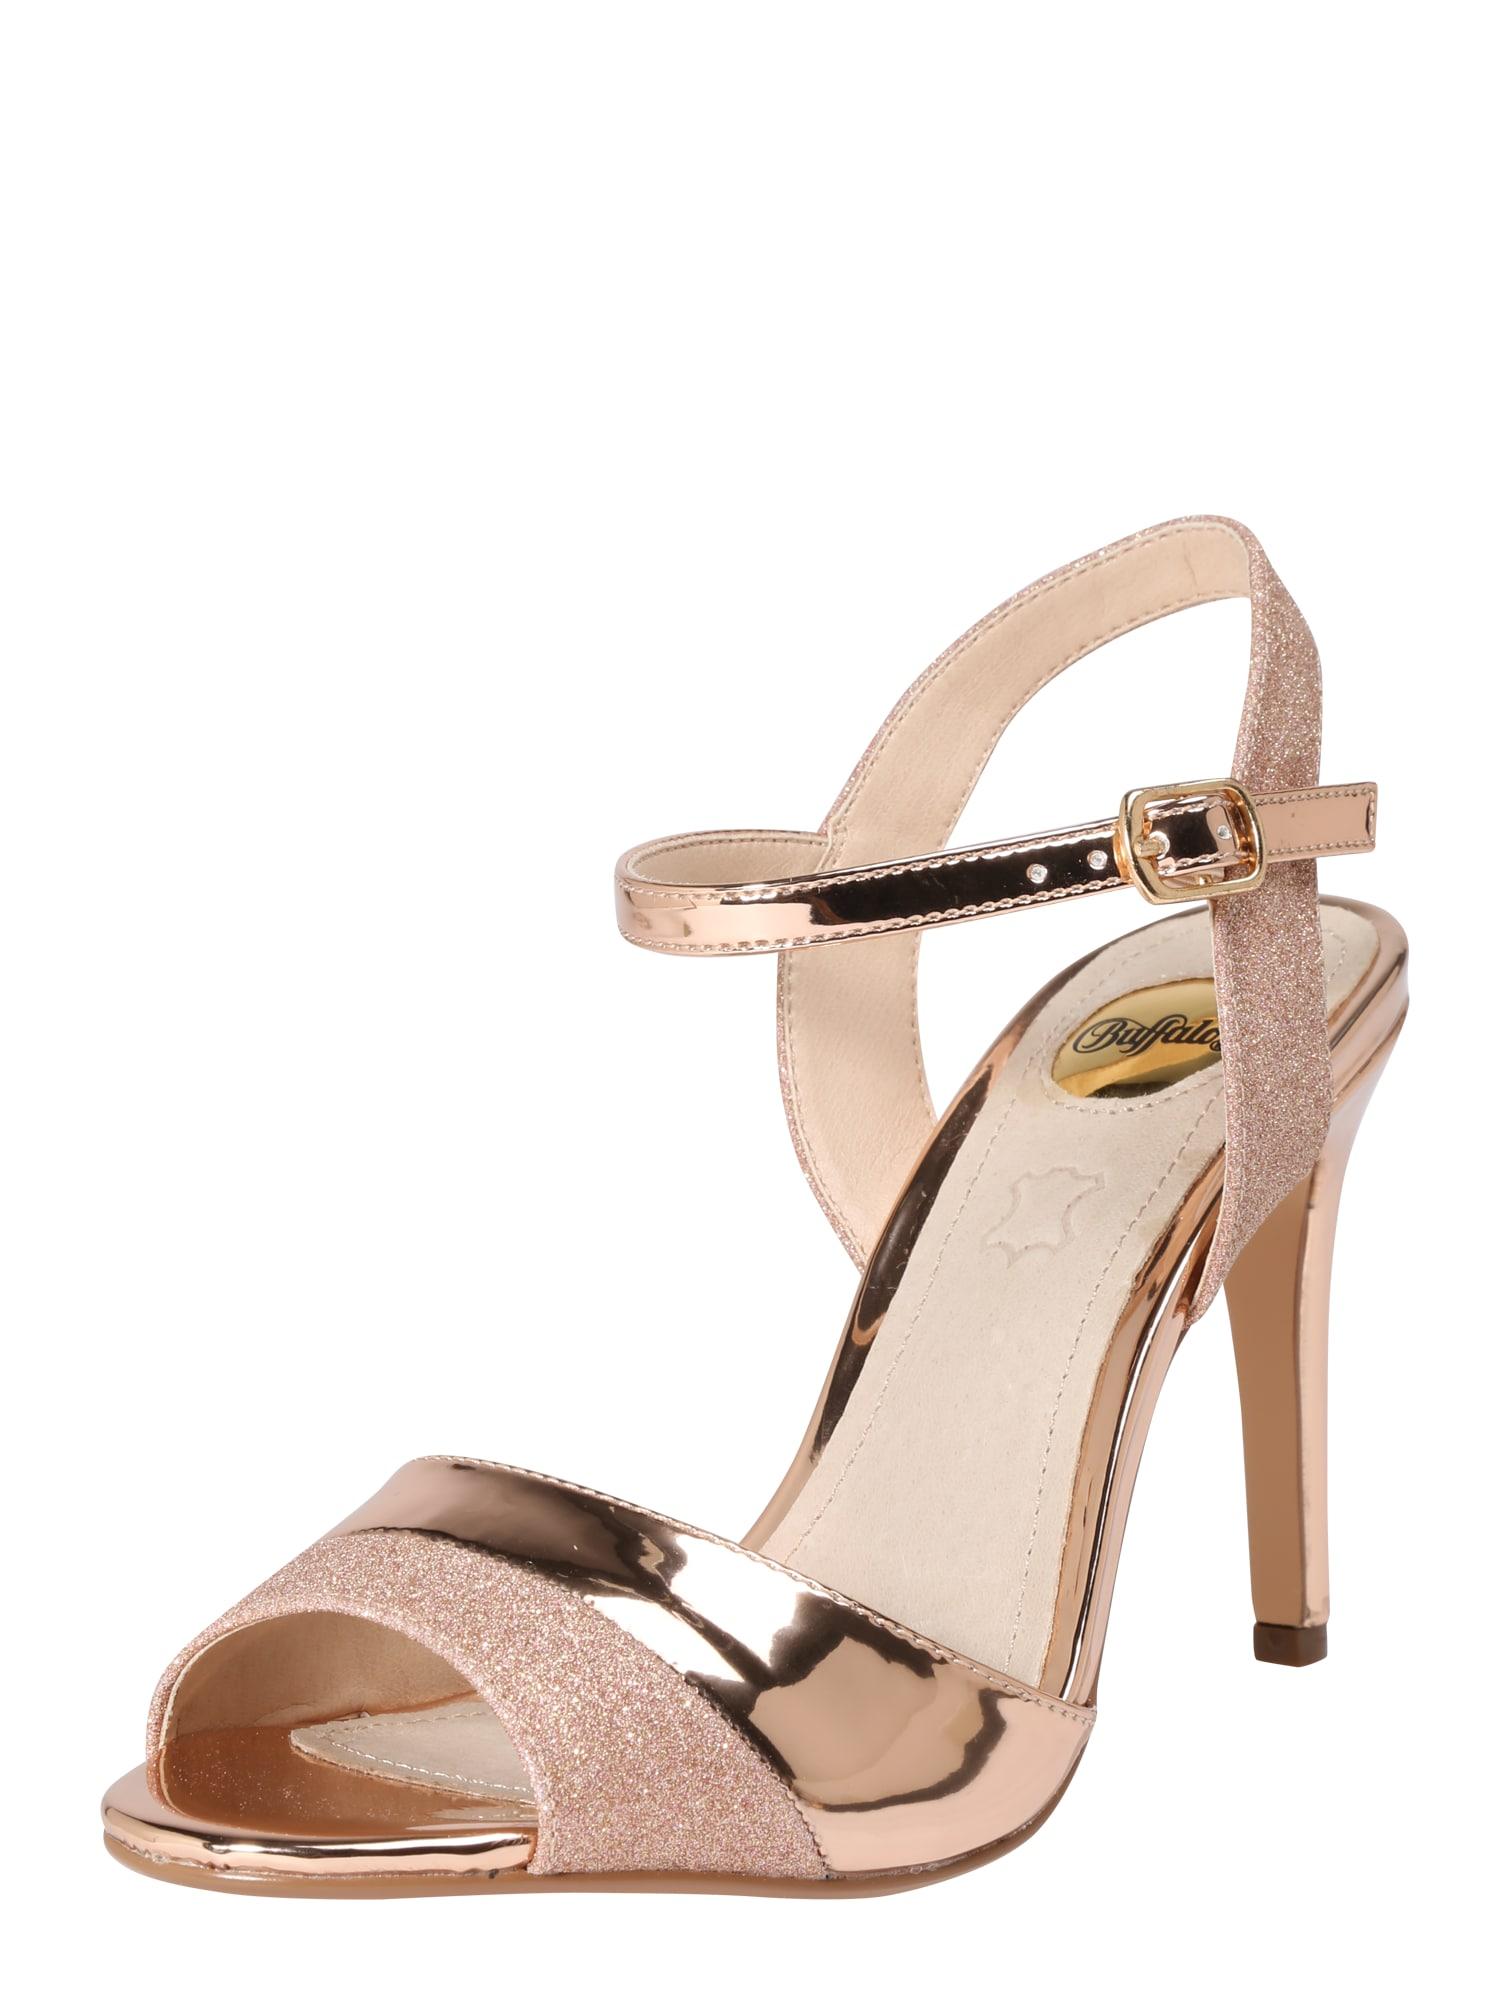 Páskové sandály AIDA zlatá růže BUFFALO